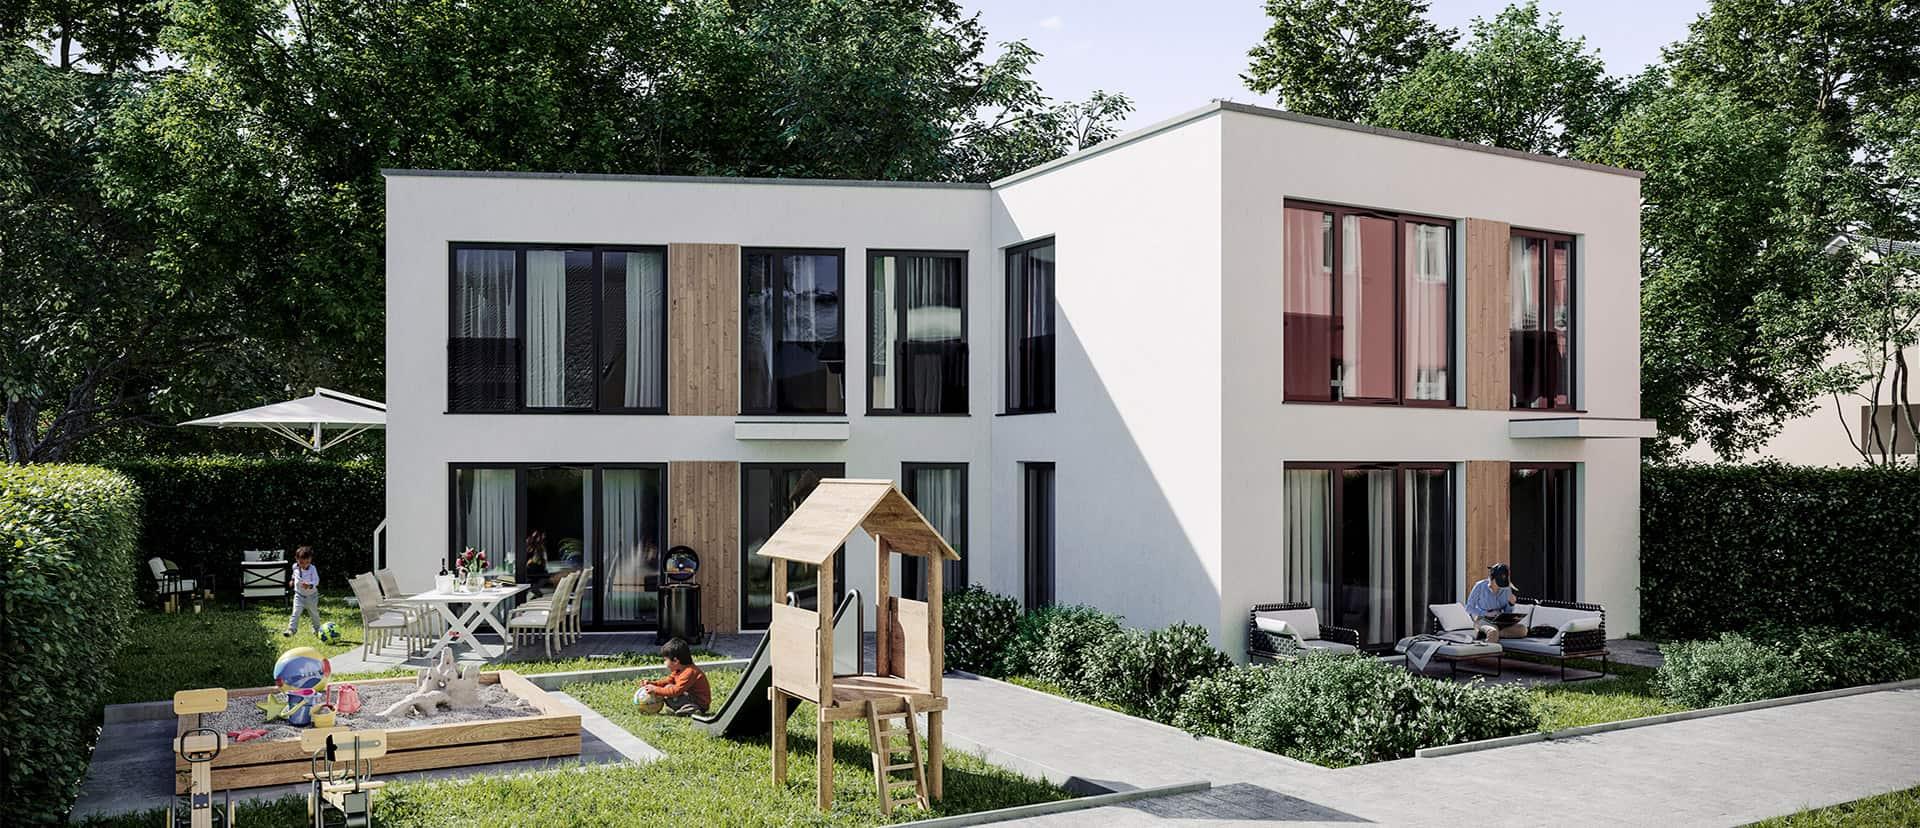 Doppelhaushaelfte mit Terrasse und Garten, Spielplatz für Kinder